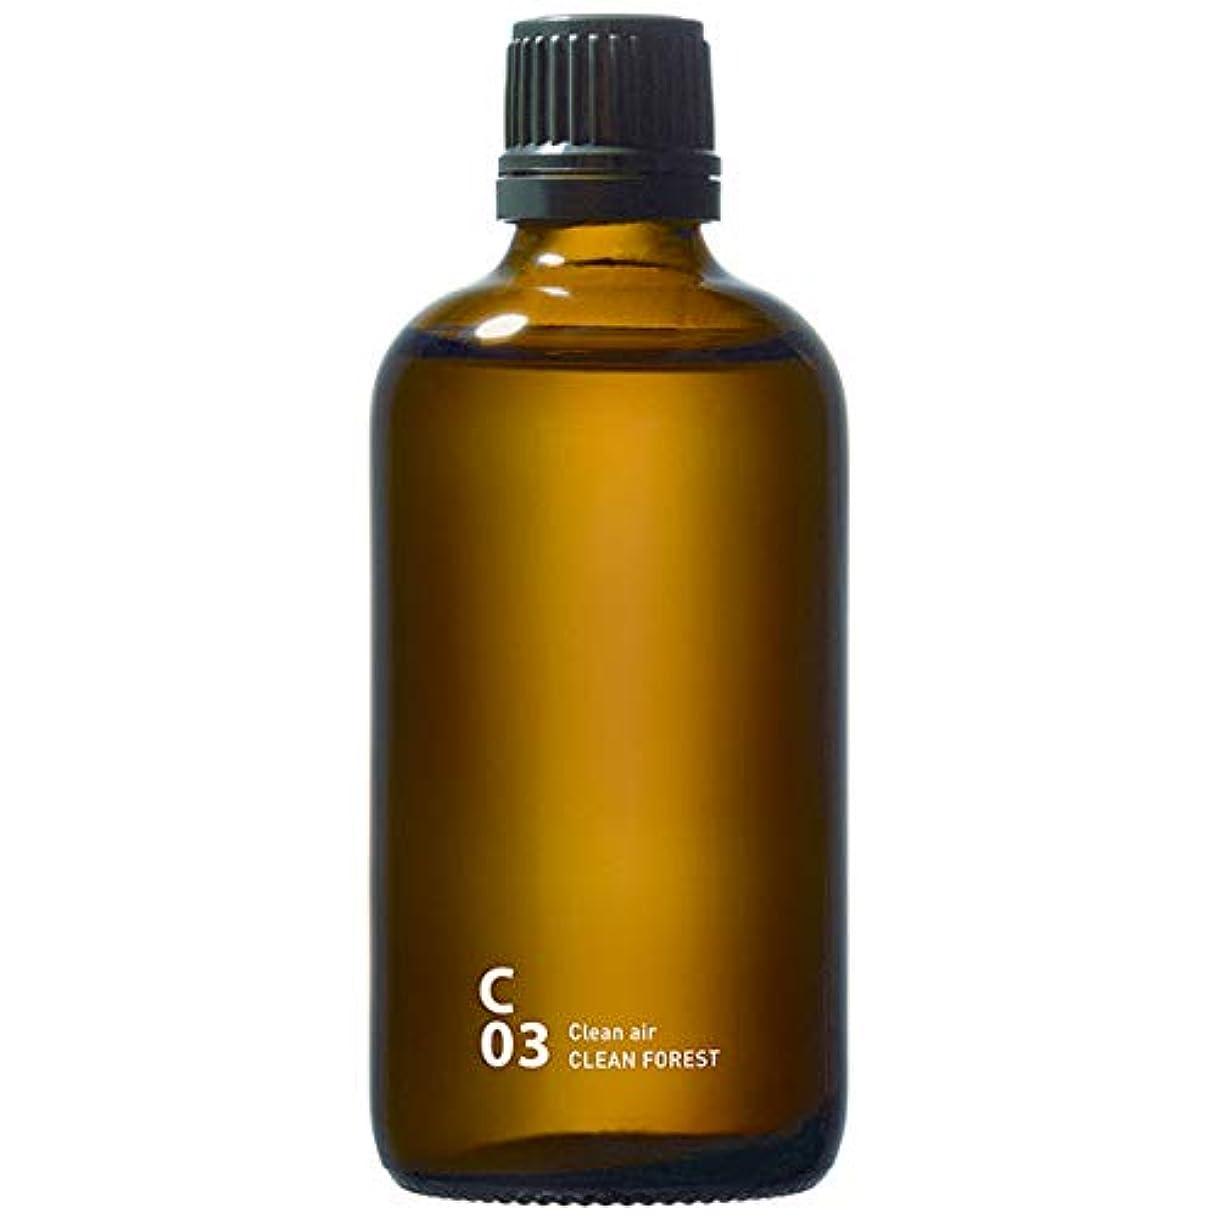 もっと少なく正しい迷路C03 CLEAN FOREST piezo aroma oil 100ml